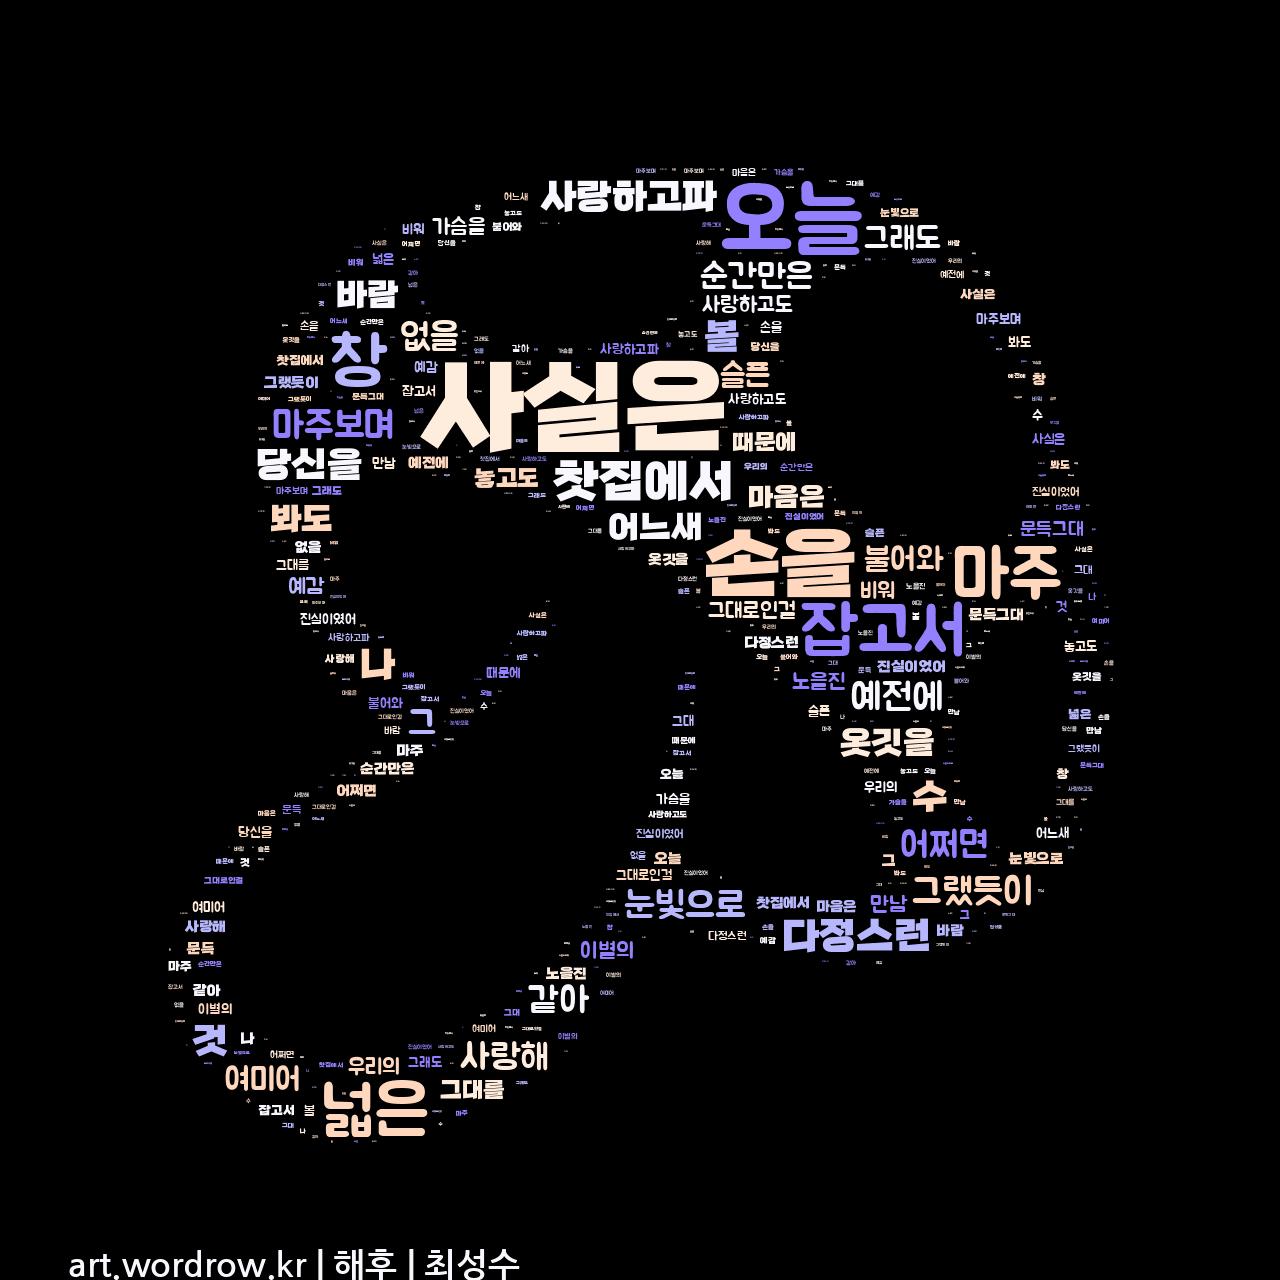 워드 아트: 해후 [최성수]-60